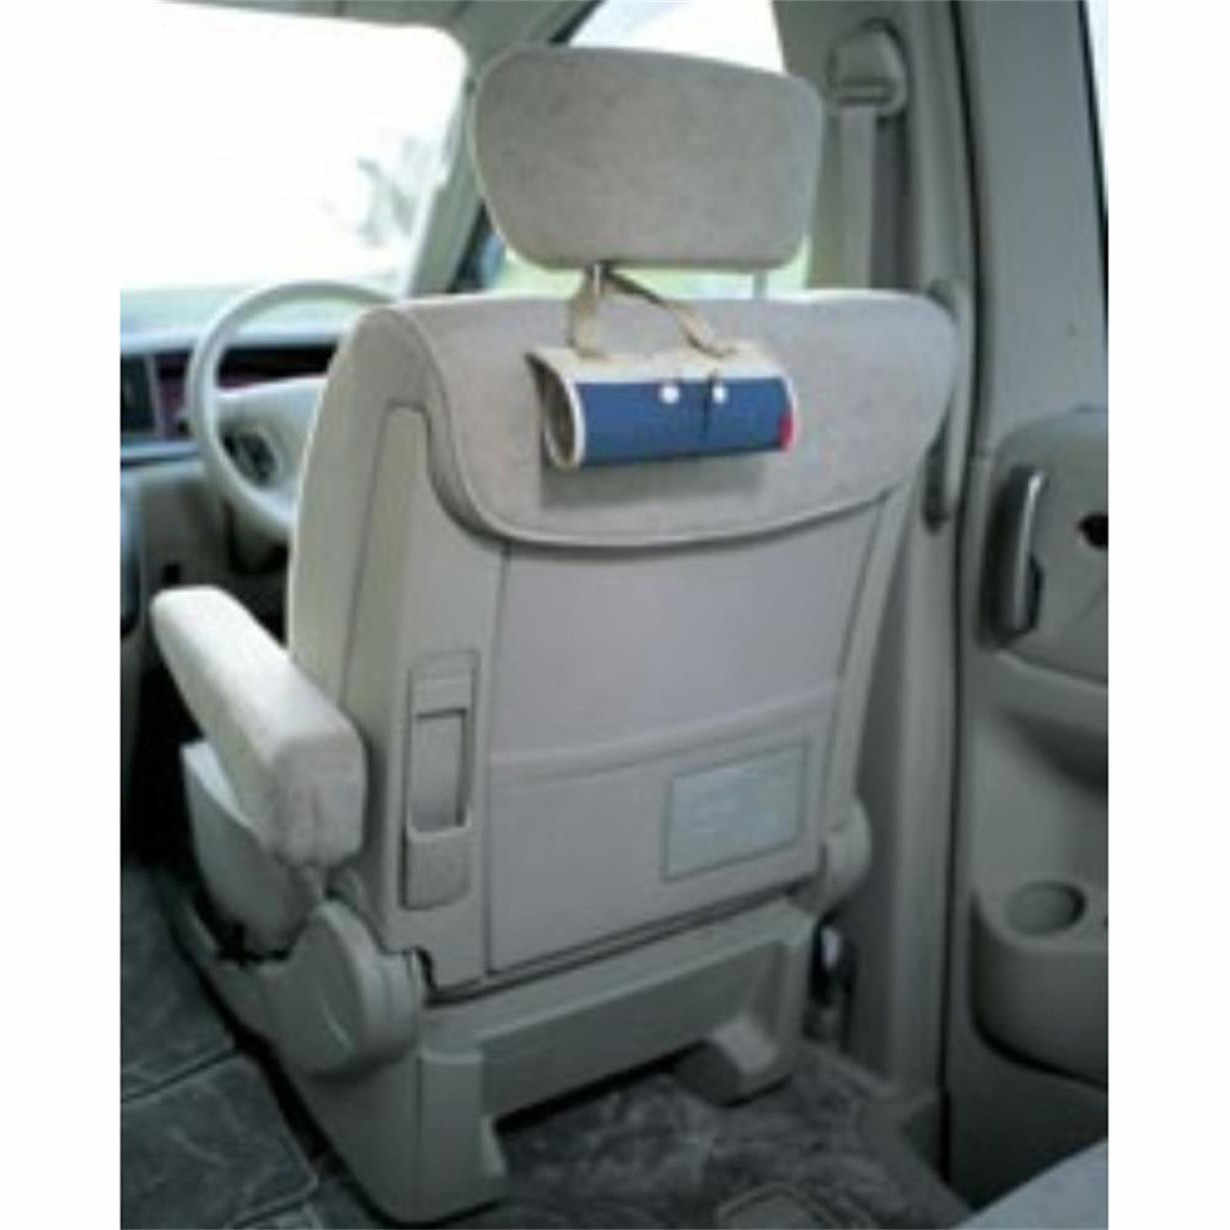 1 шт. универсальная Складная автомобильная автоматическая спинка для сиденья водонепроницаемый футляр для зонта чехол для органайзера чехол длинный мешочек автомобильные аксессуары #23